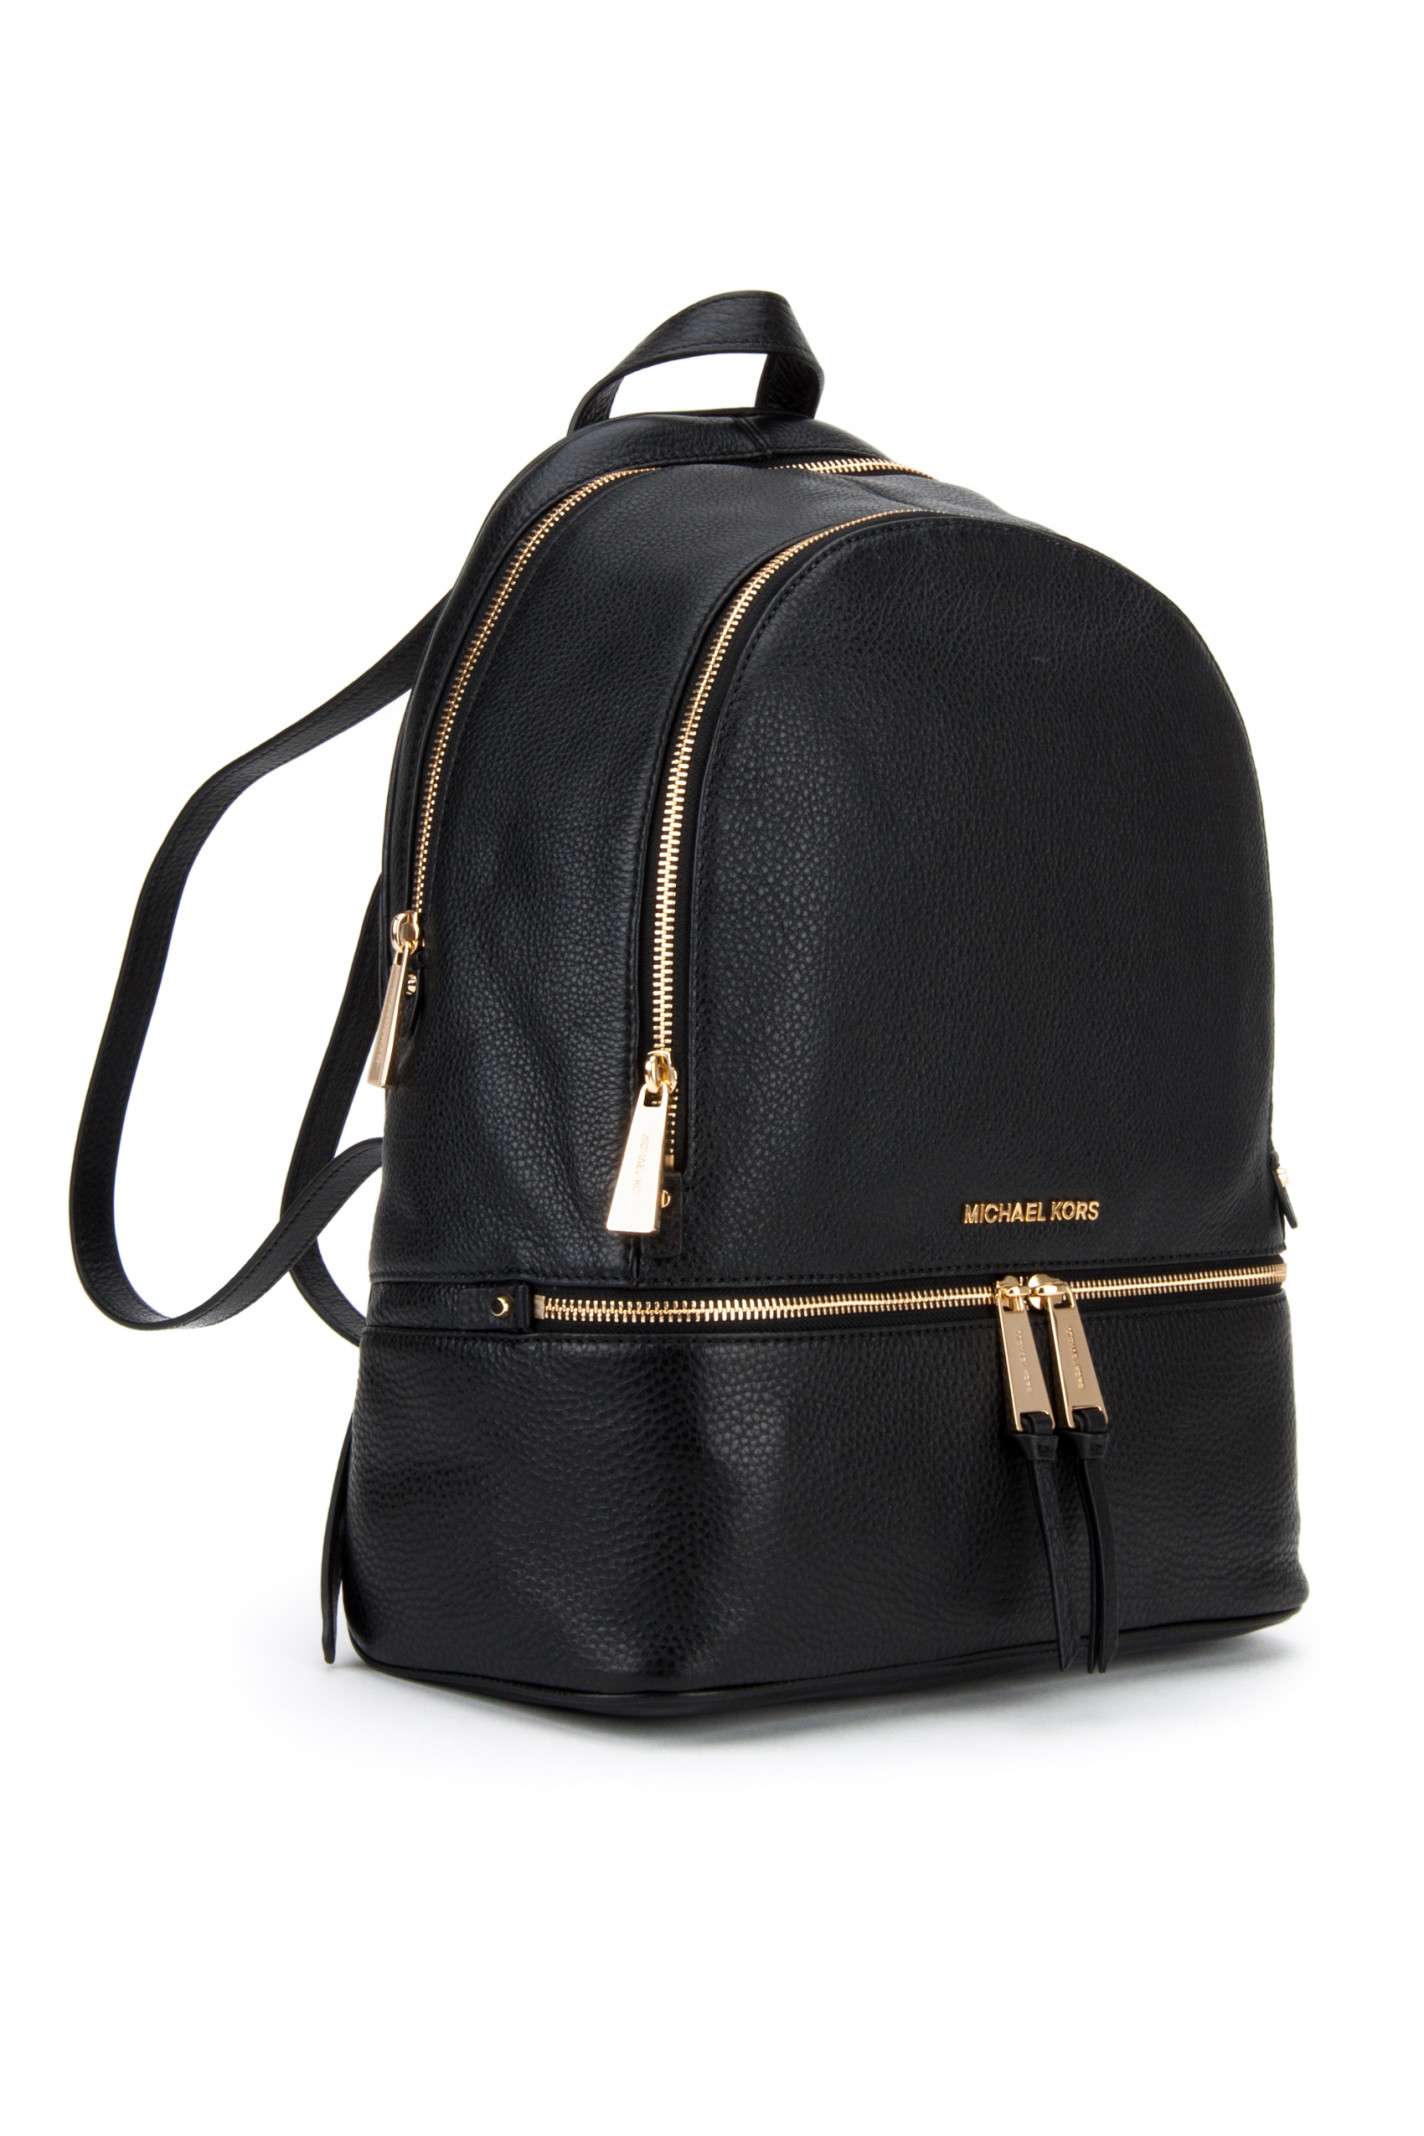 michael kors rhea backpack equilibrium. Black Bedroom Furniture Sets. Home Design Ideas